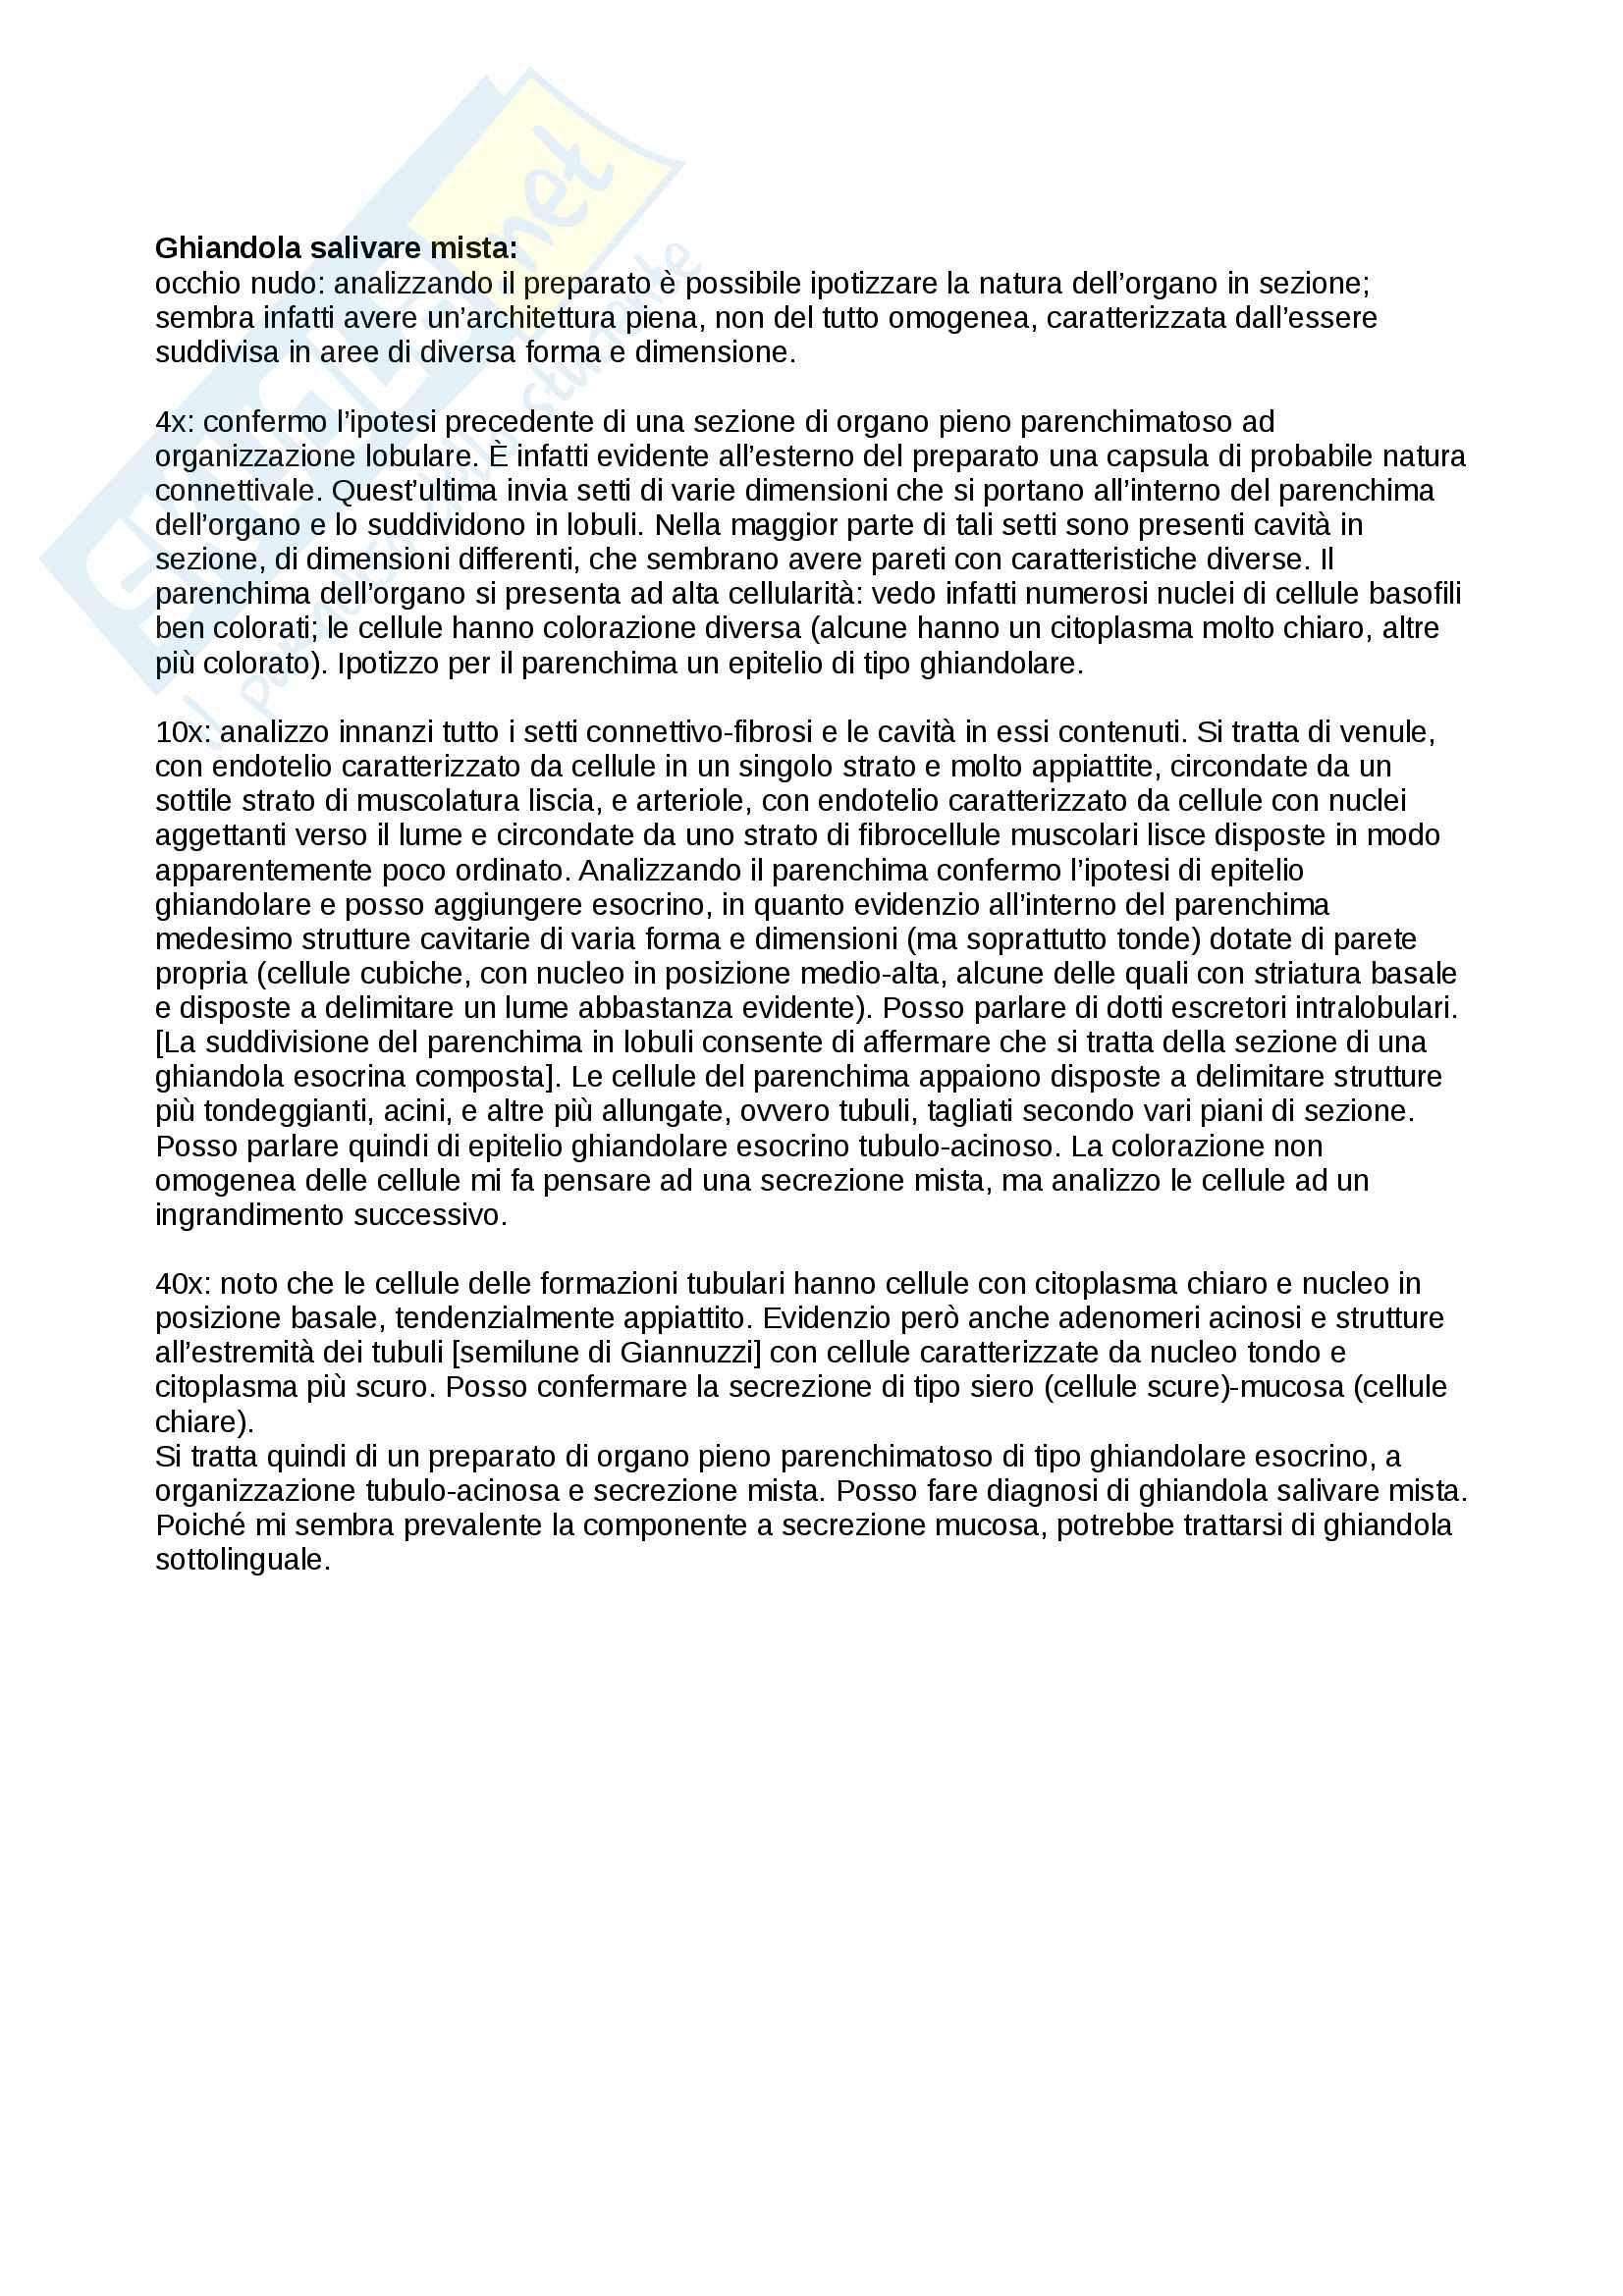 Anatomia microscopica - descrizione vetrini Pag. 6